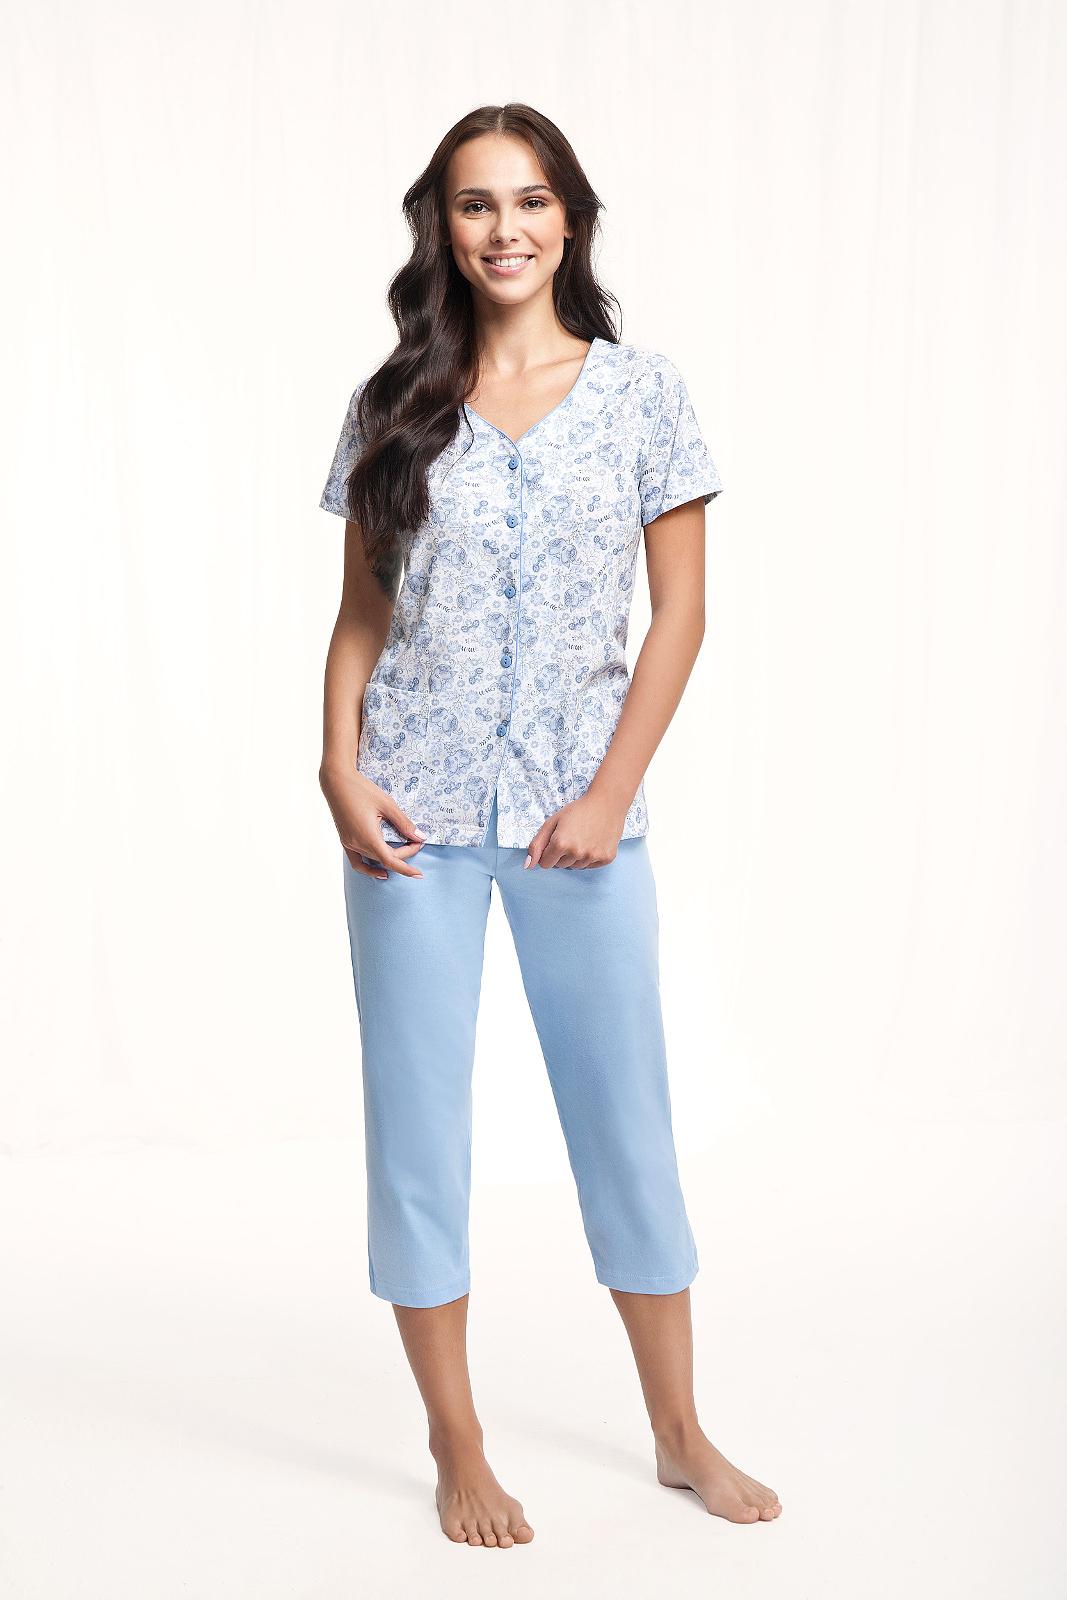 Piżama Luna 476 kr/r 3XL damska (1)